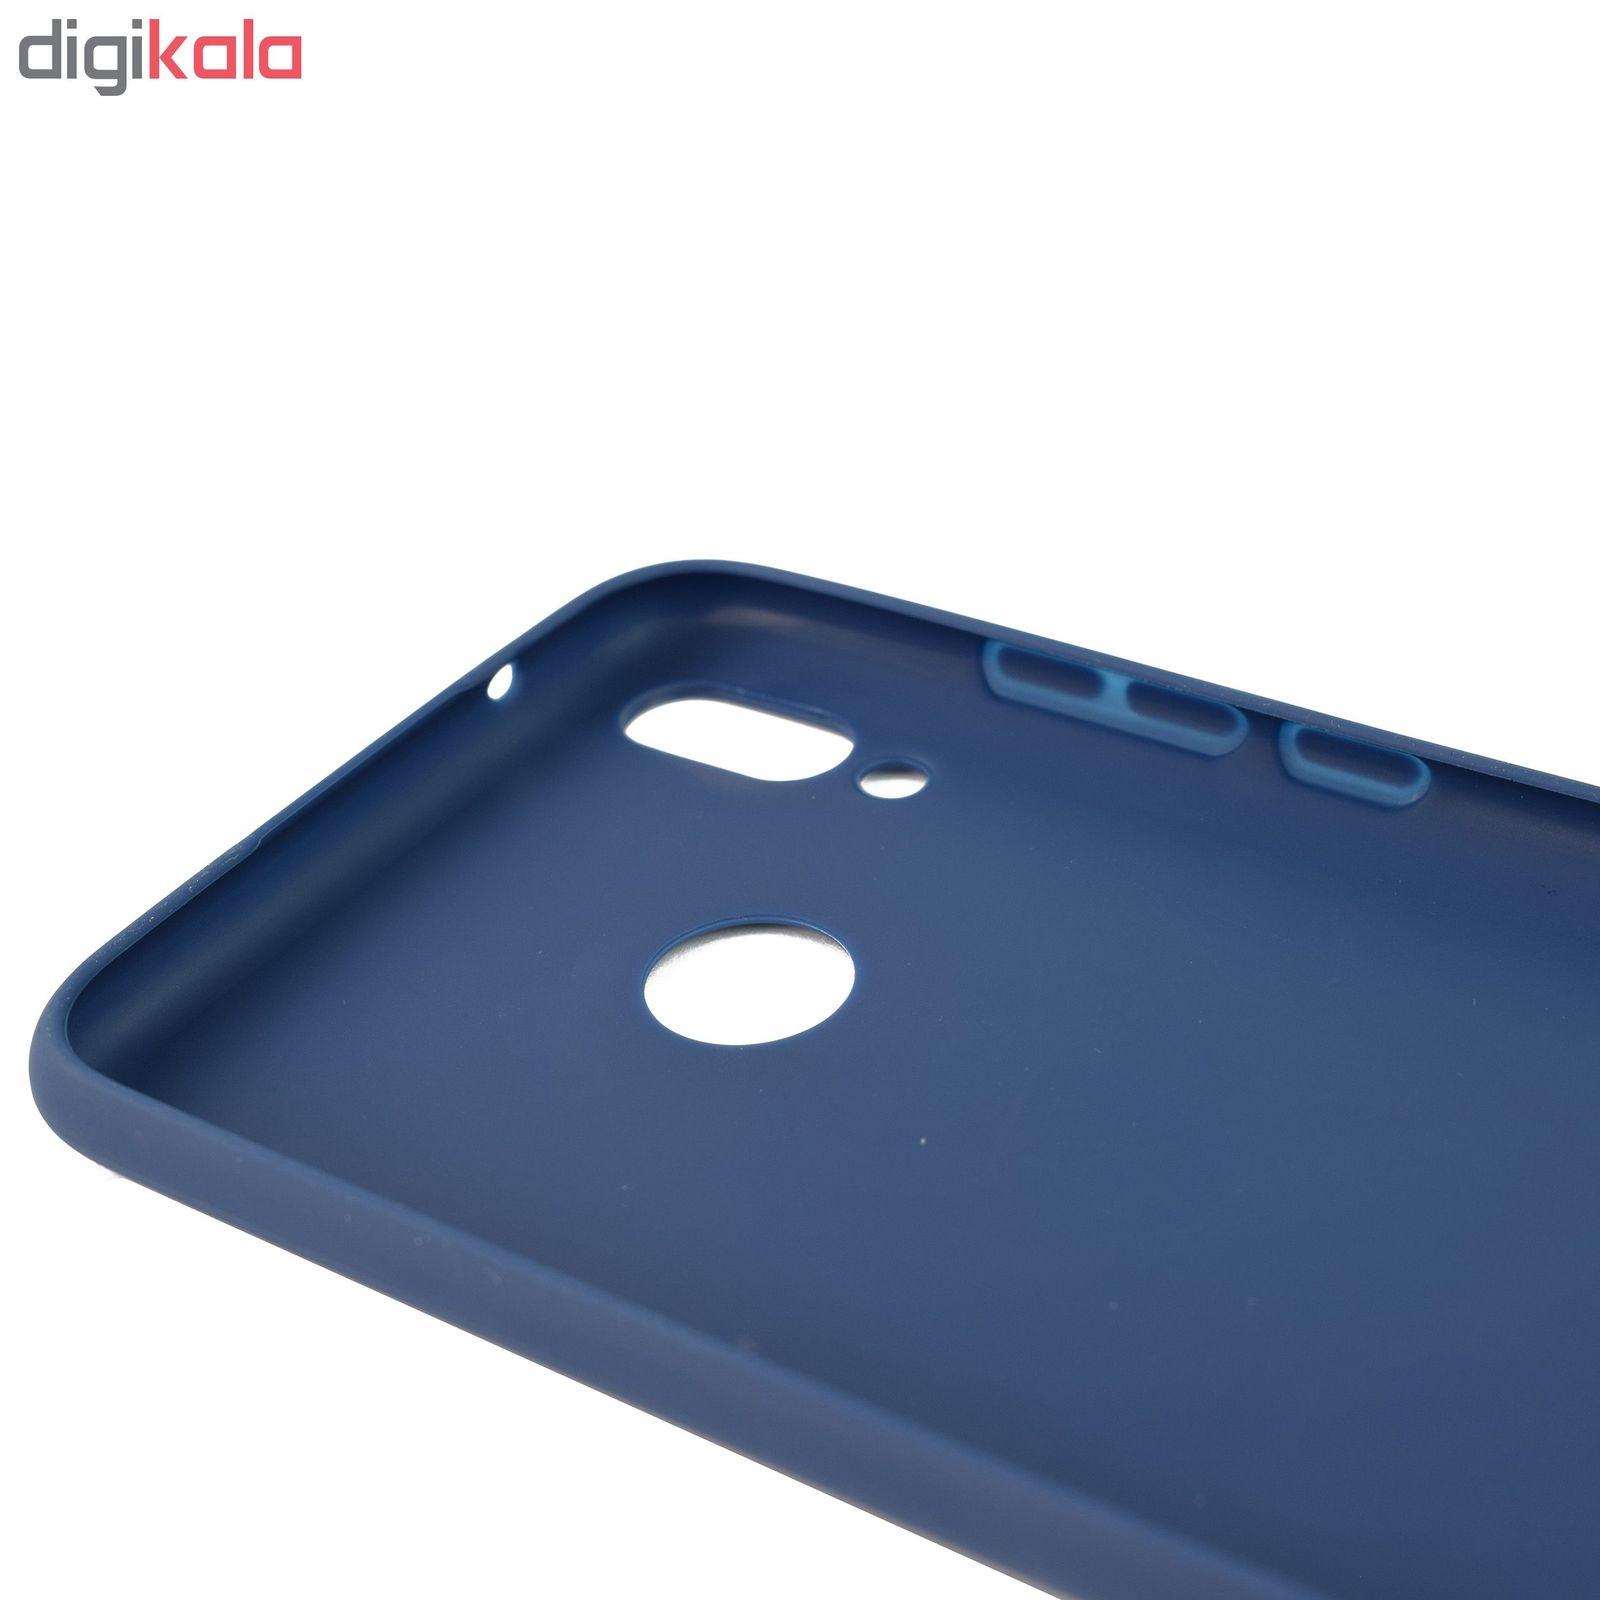 کاور مدل SC20 مناسب برای گوشی موبایل هوآوی Y9 2019 main 1 8